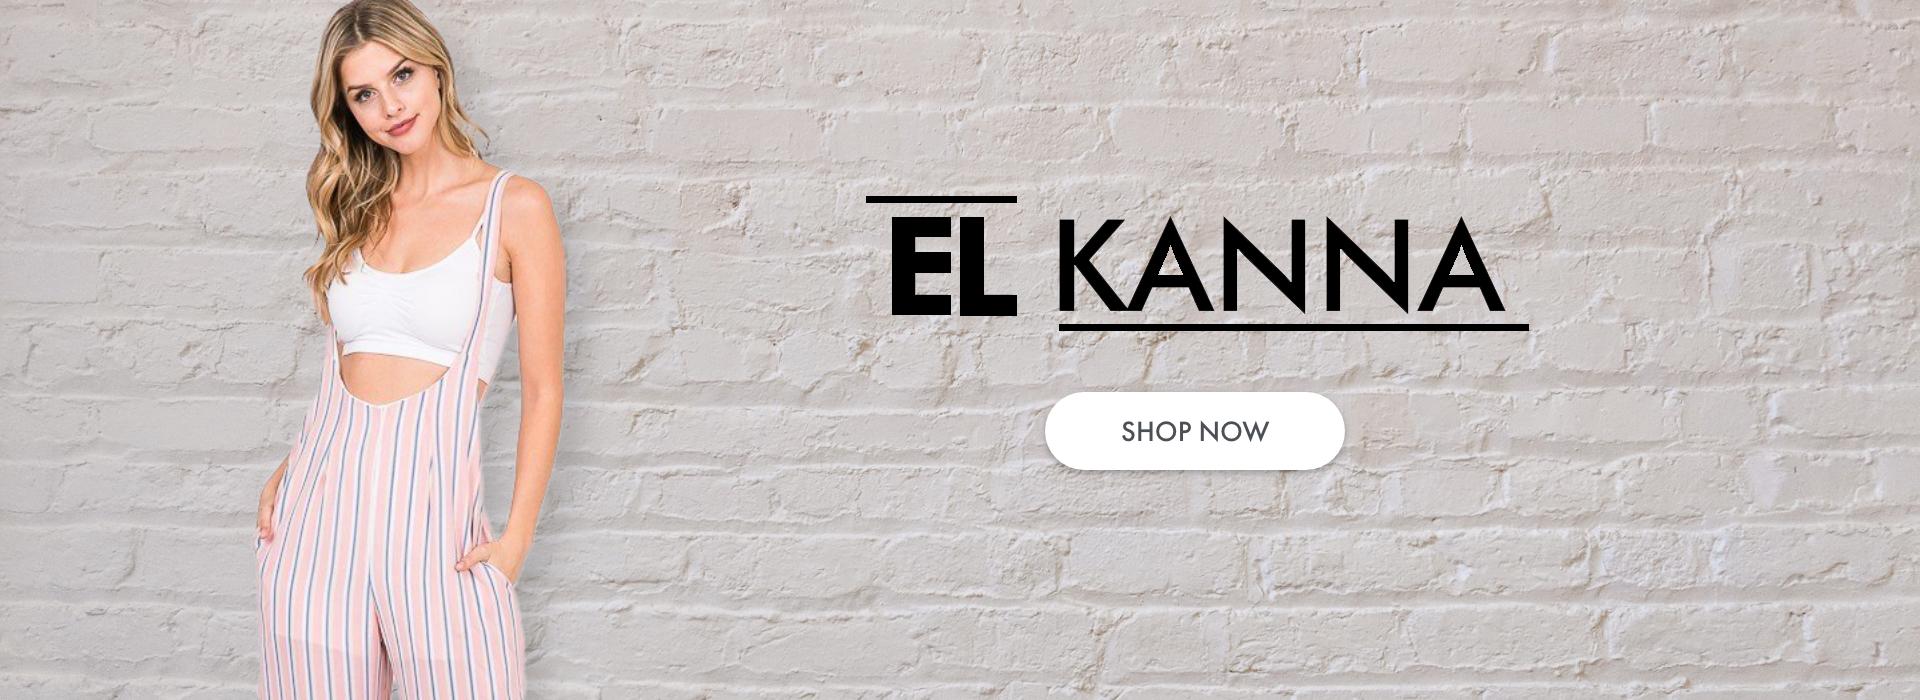 EL KANNA